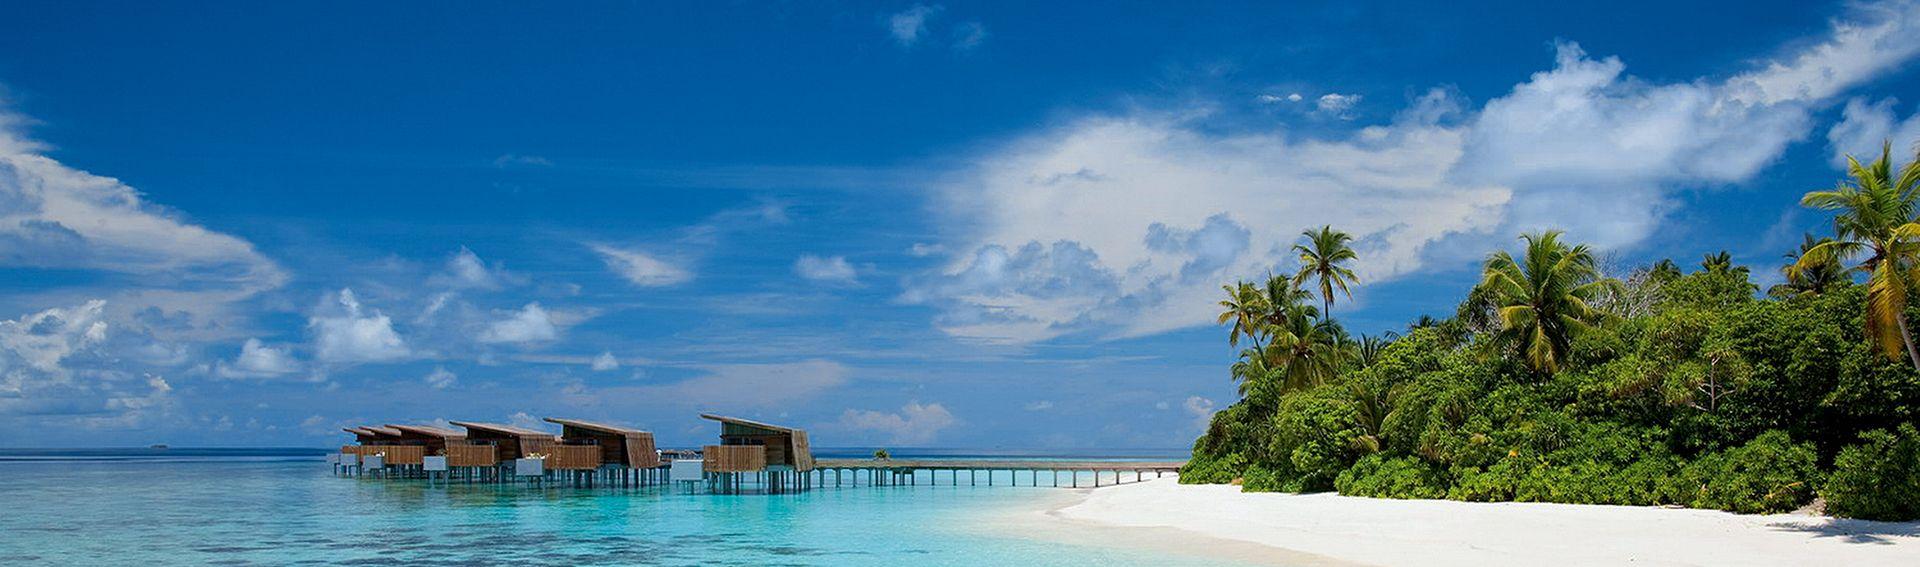 North Huvadhoo Atoll